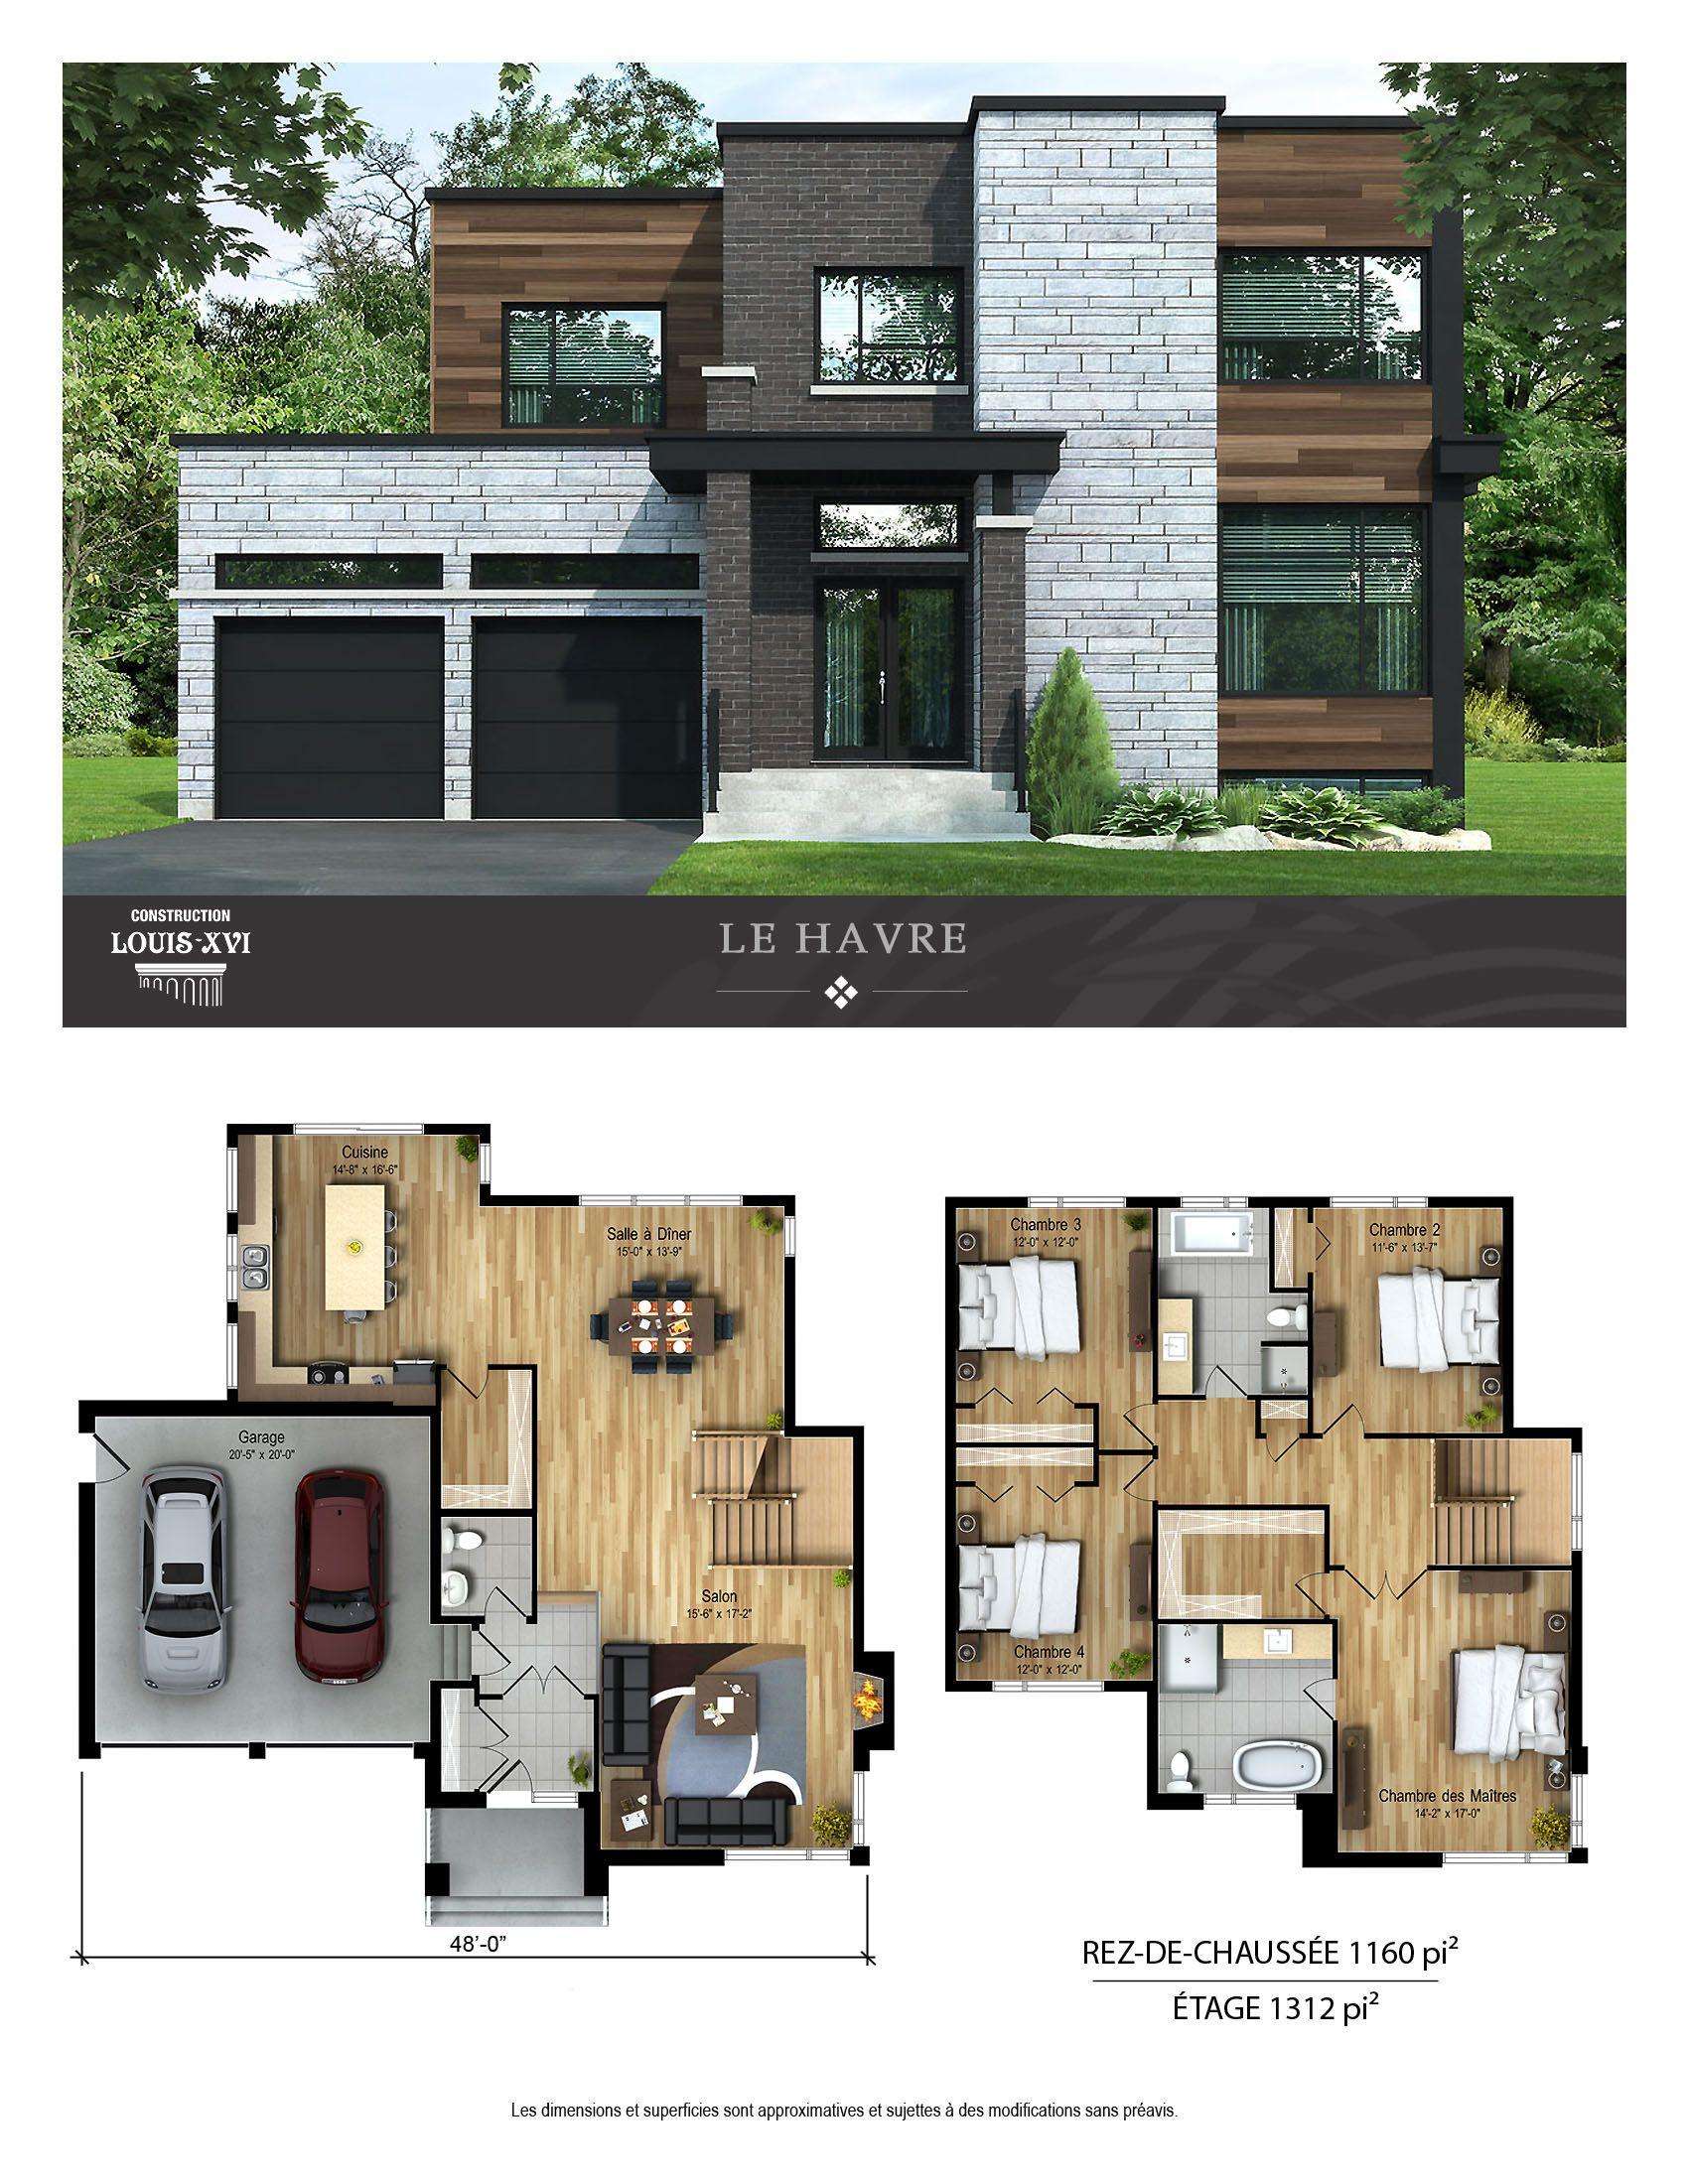 Maisons neuves avec toits plats à vendre Construction Louis Seize